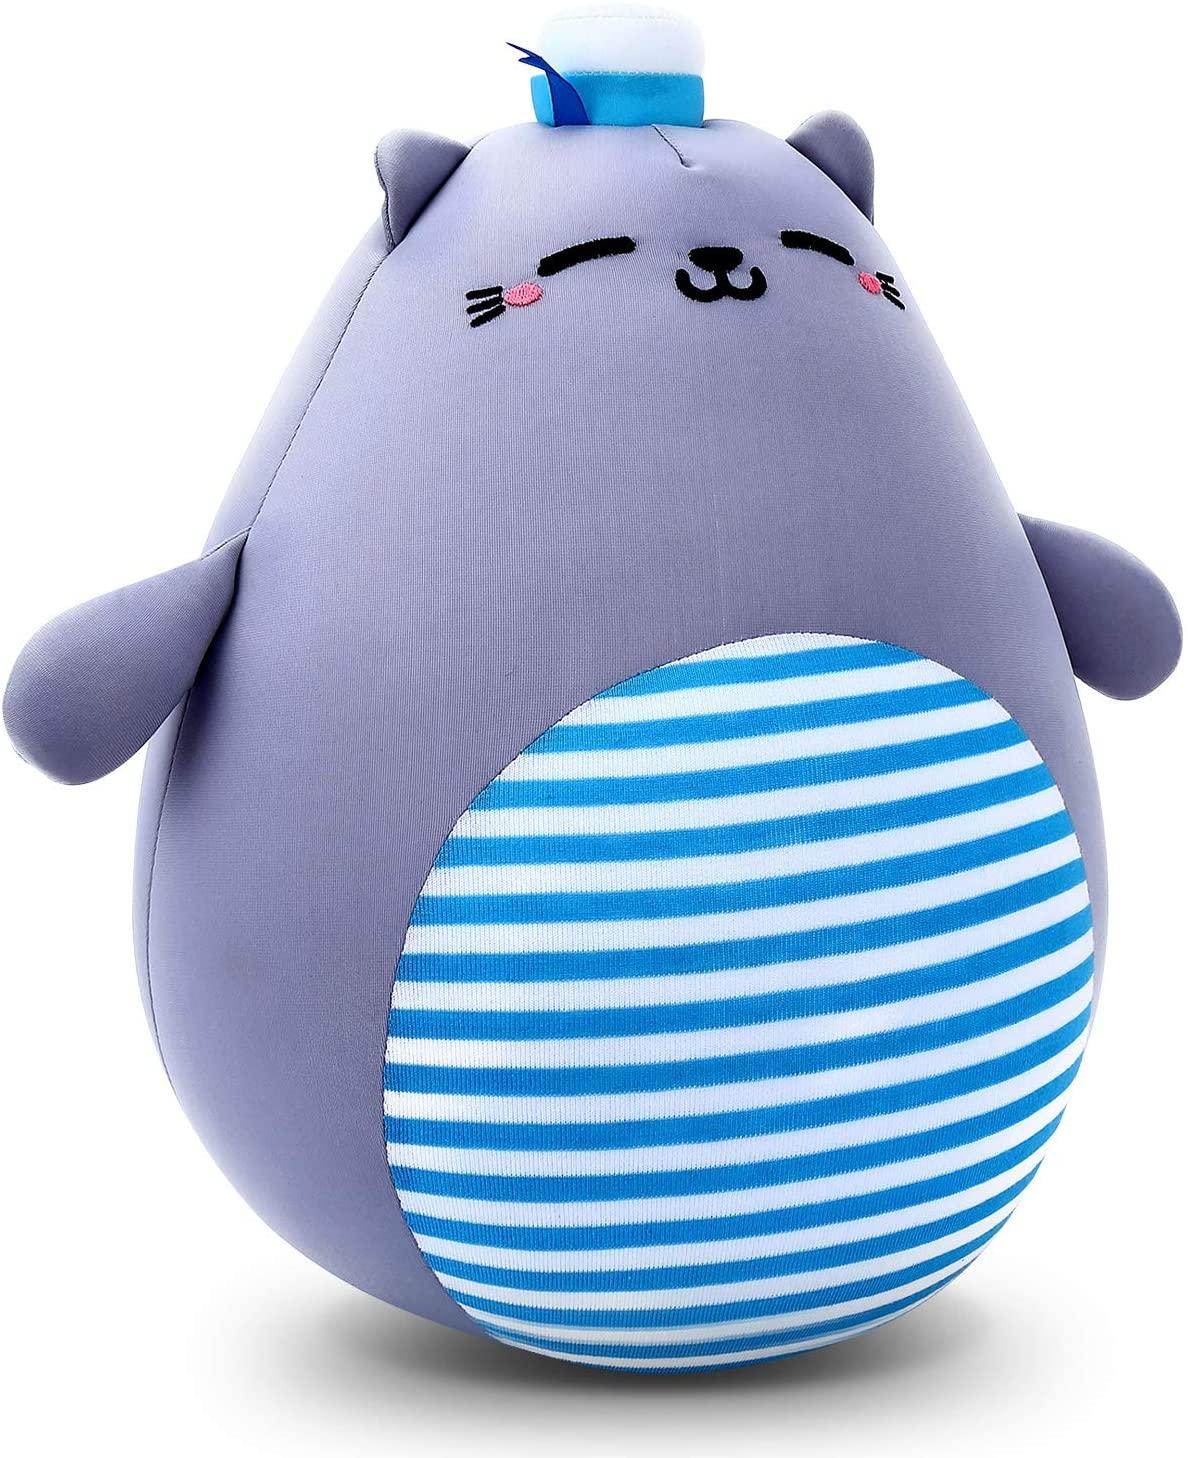 Sheepet Plush Cute Cat Pillow - Stuffed Cotton Soft Animal Toy,Gray 14